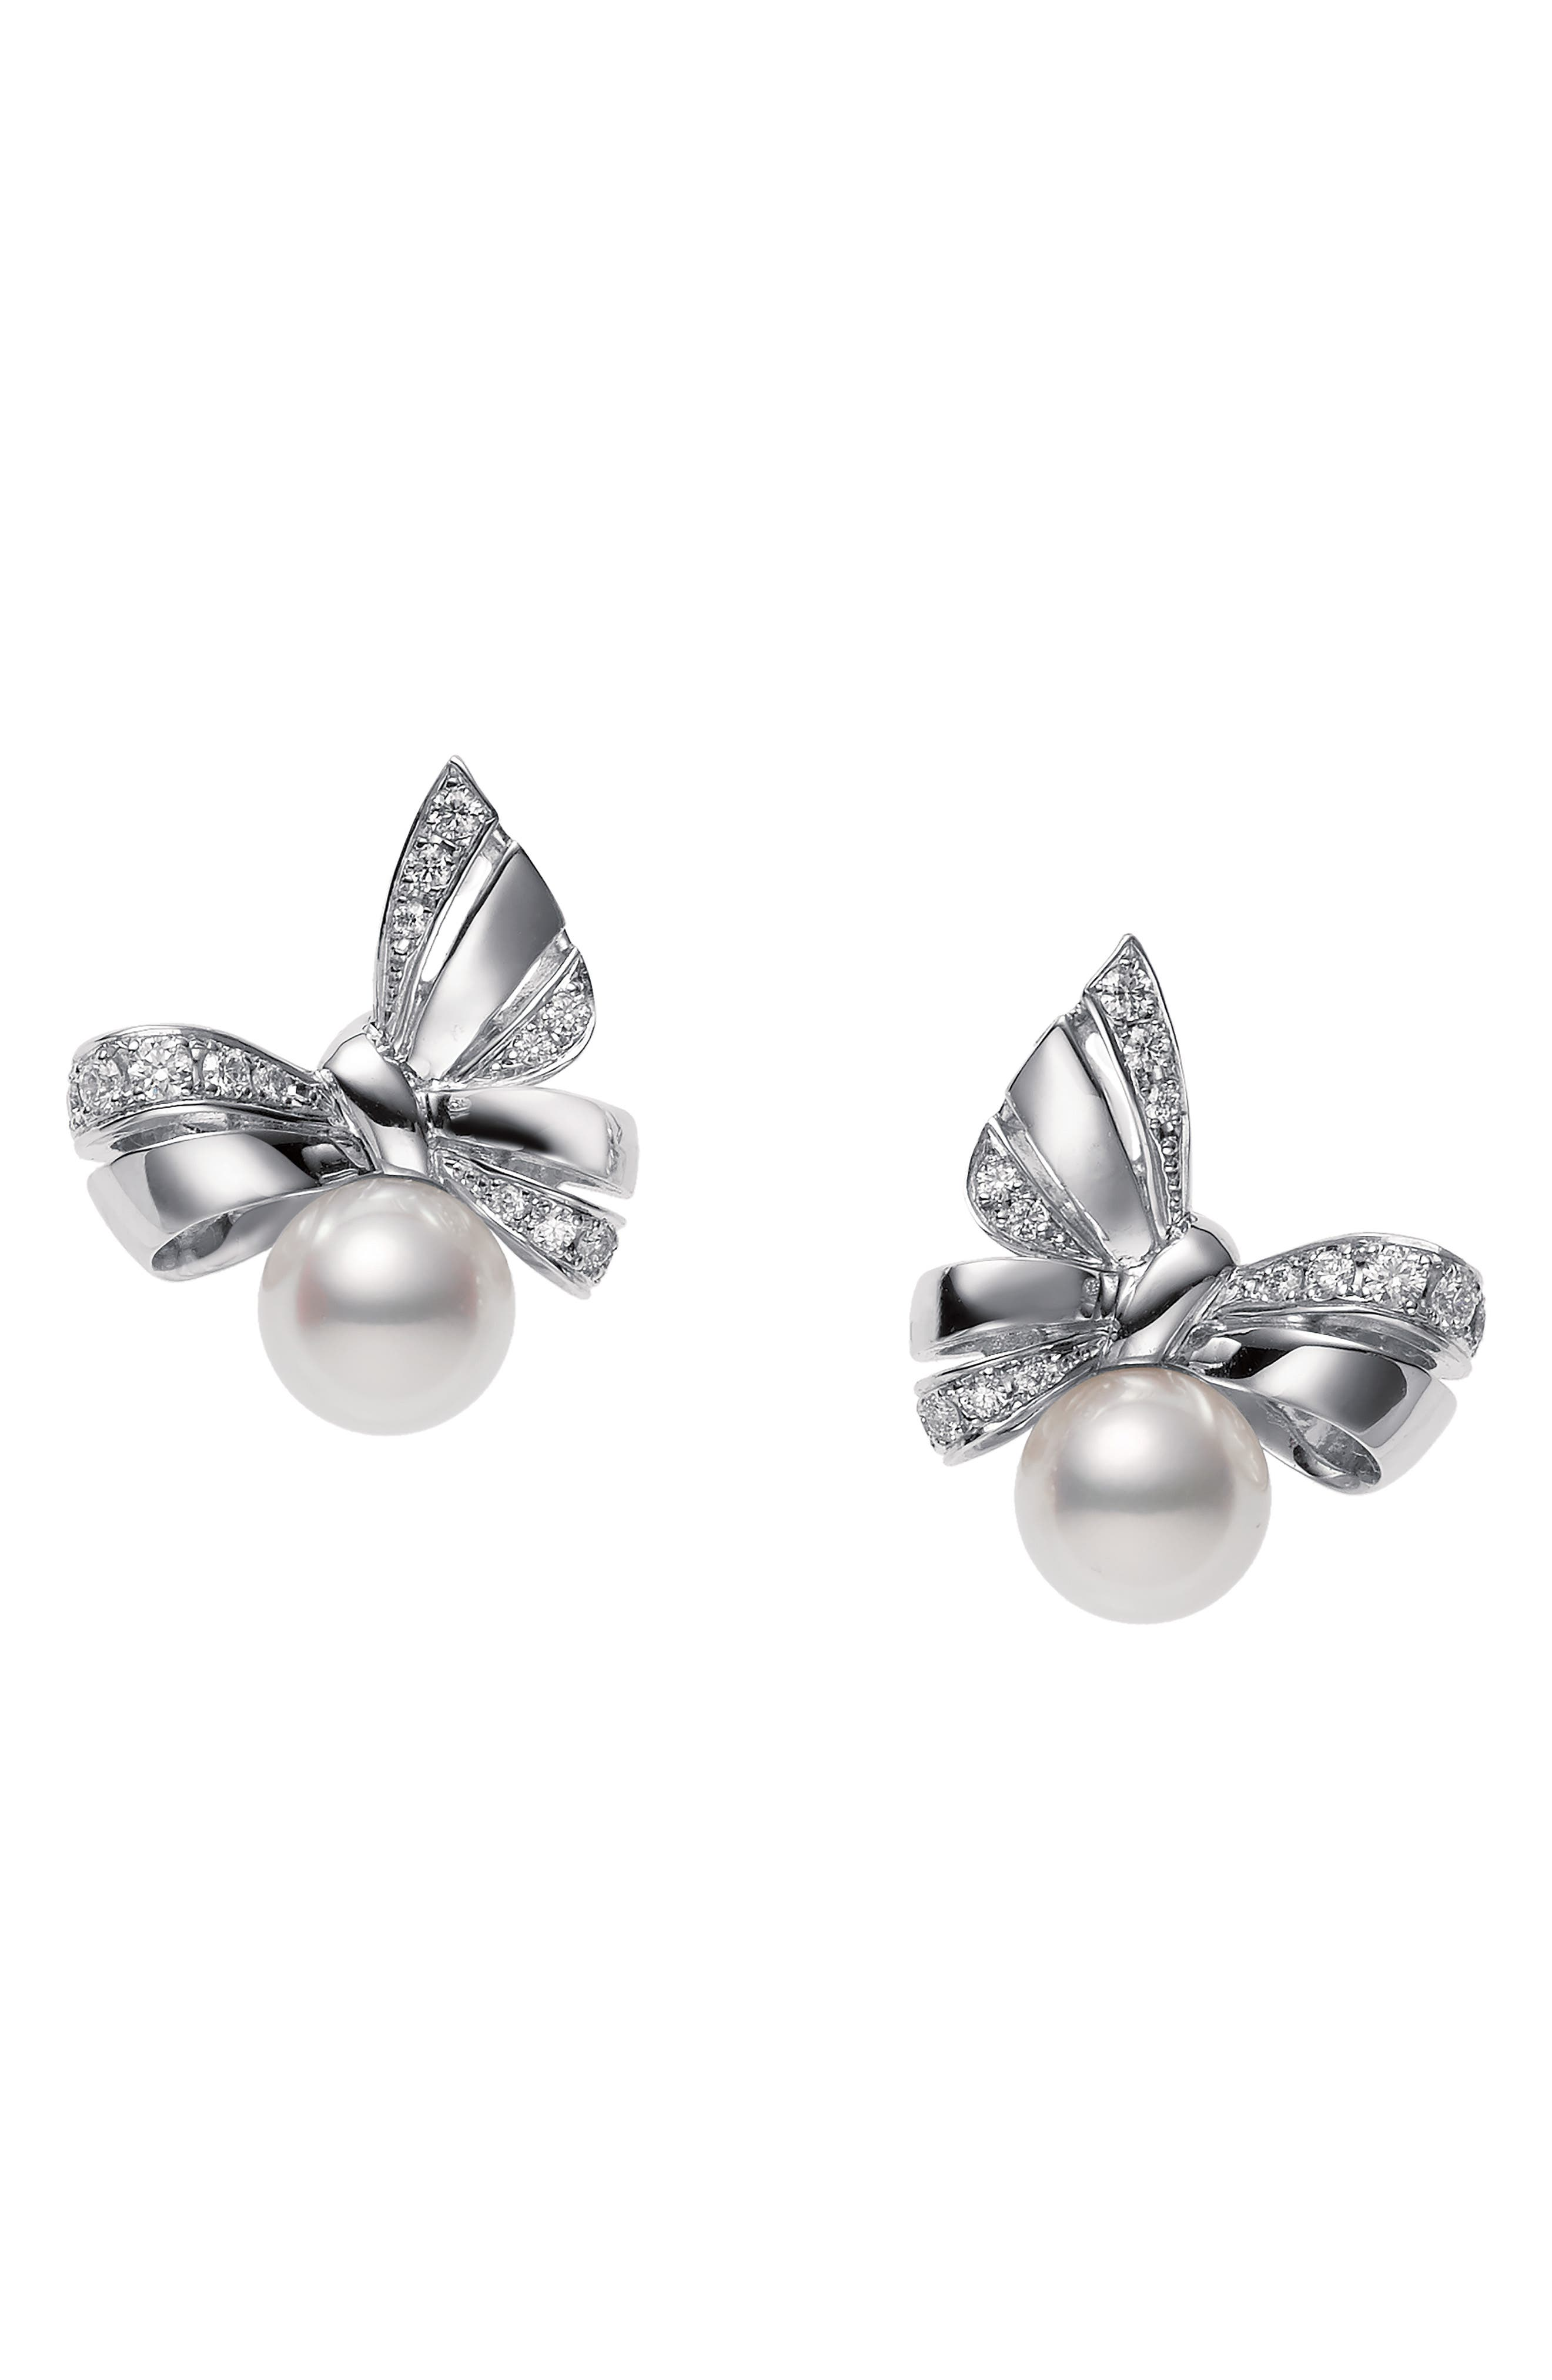 Ribbon Diamond & Pearl Stud Earrings